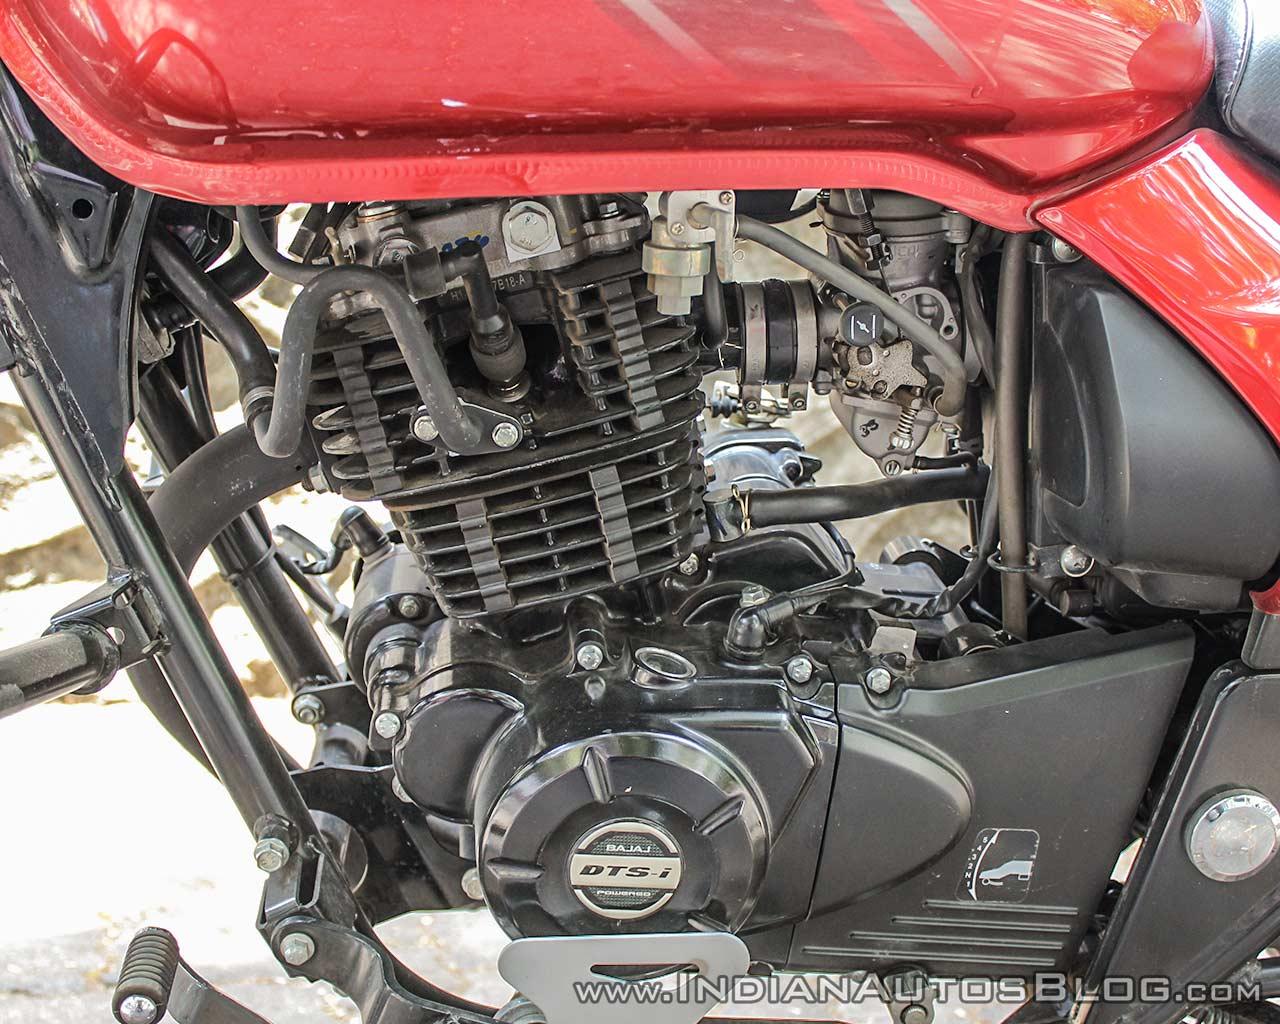 Bajaj Avenger 180 Street test ride review engine left side